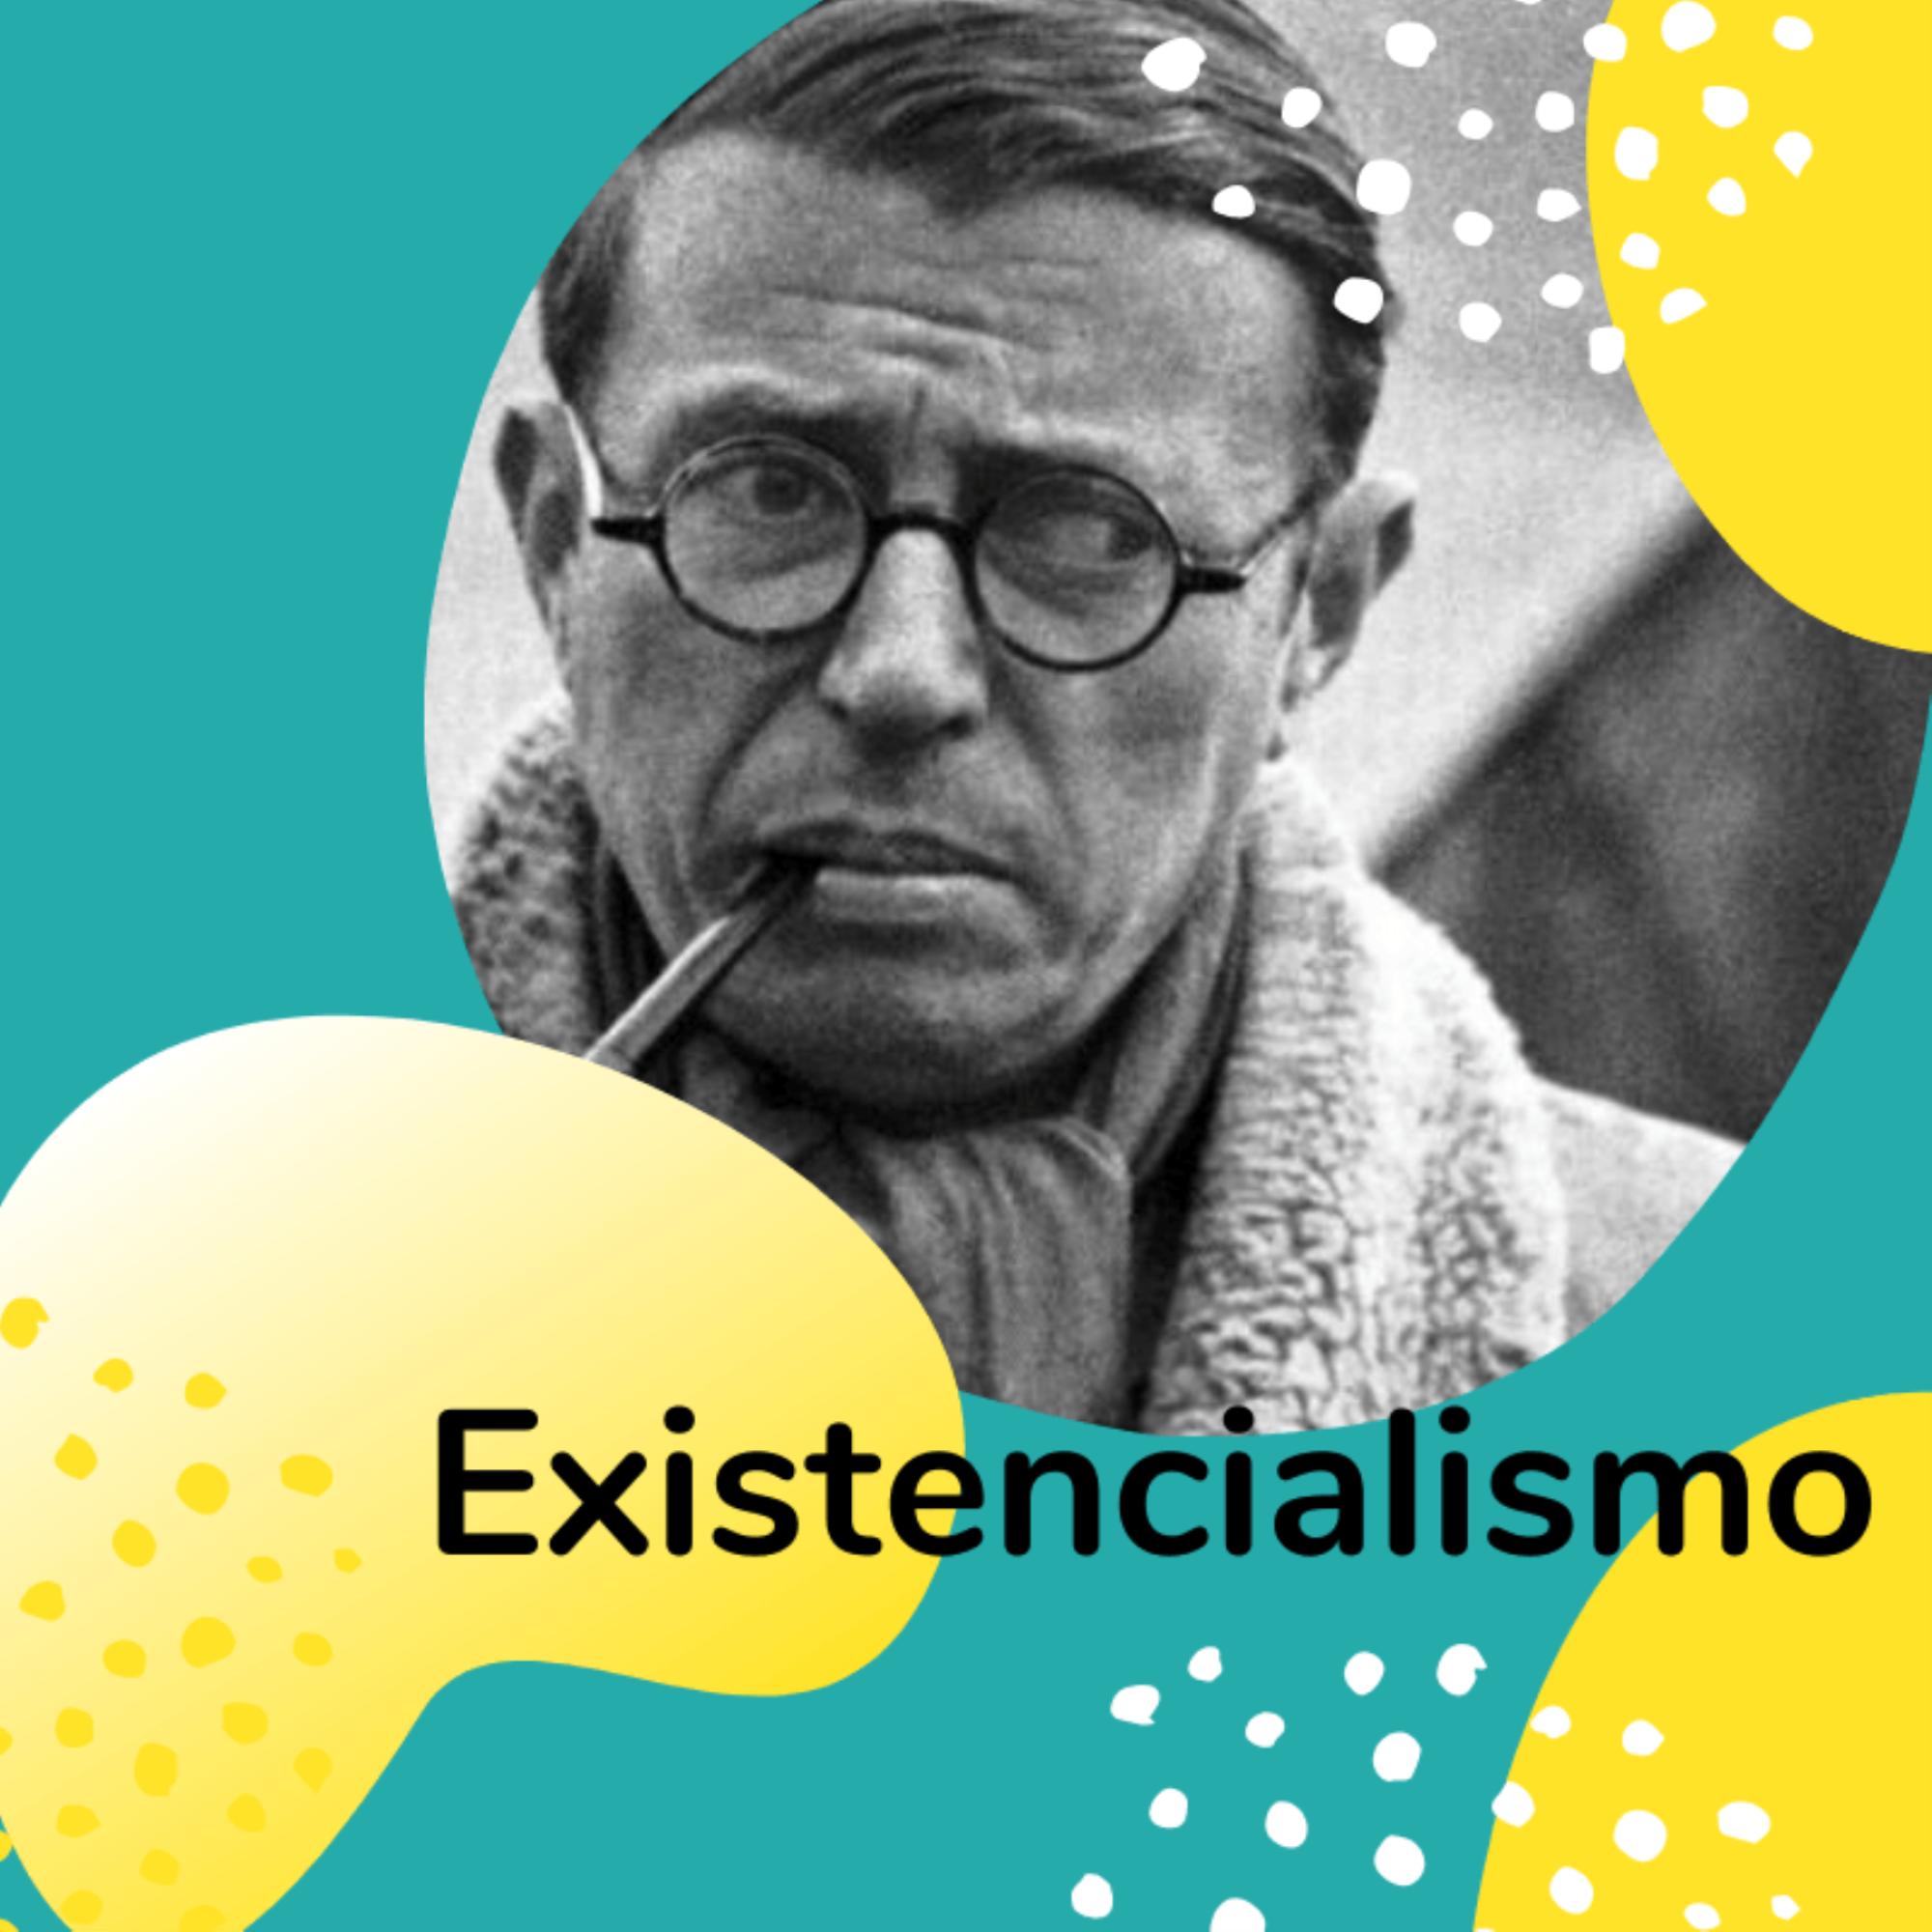 Existencialismo literario